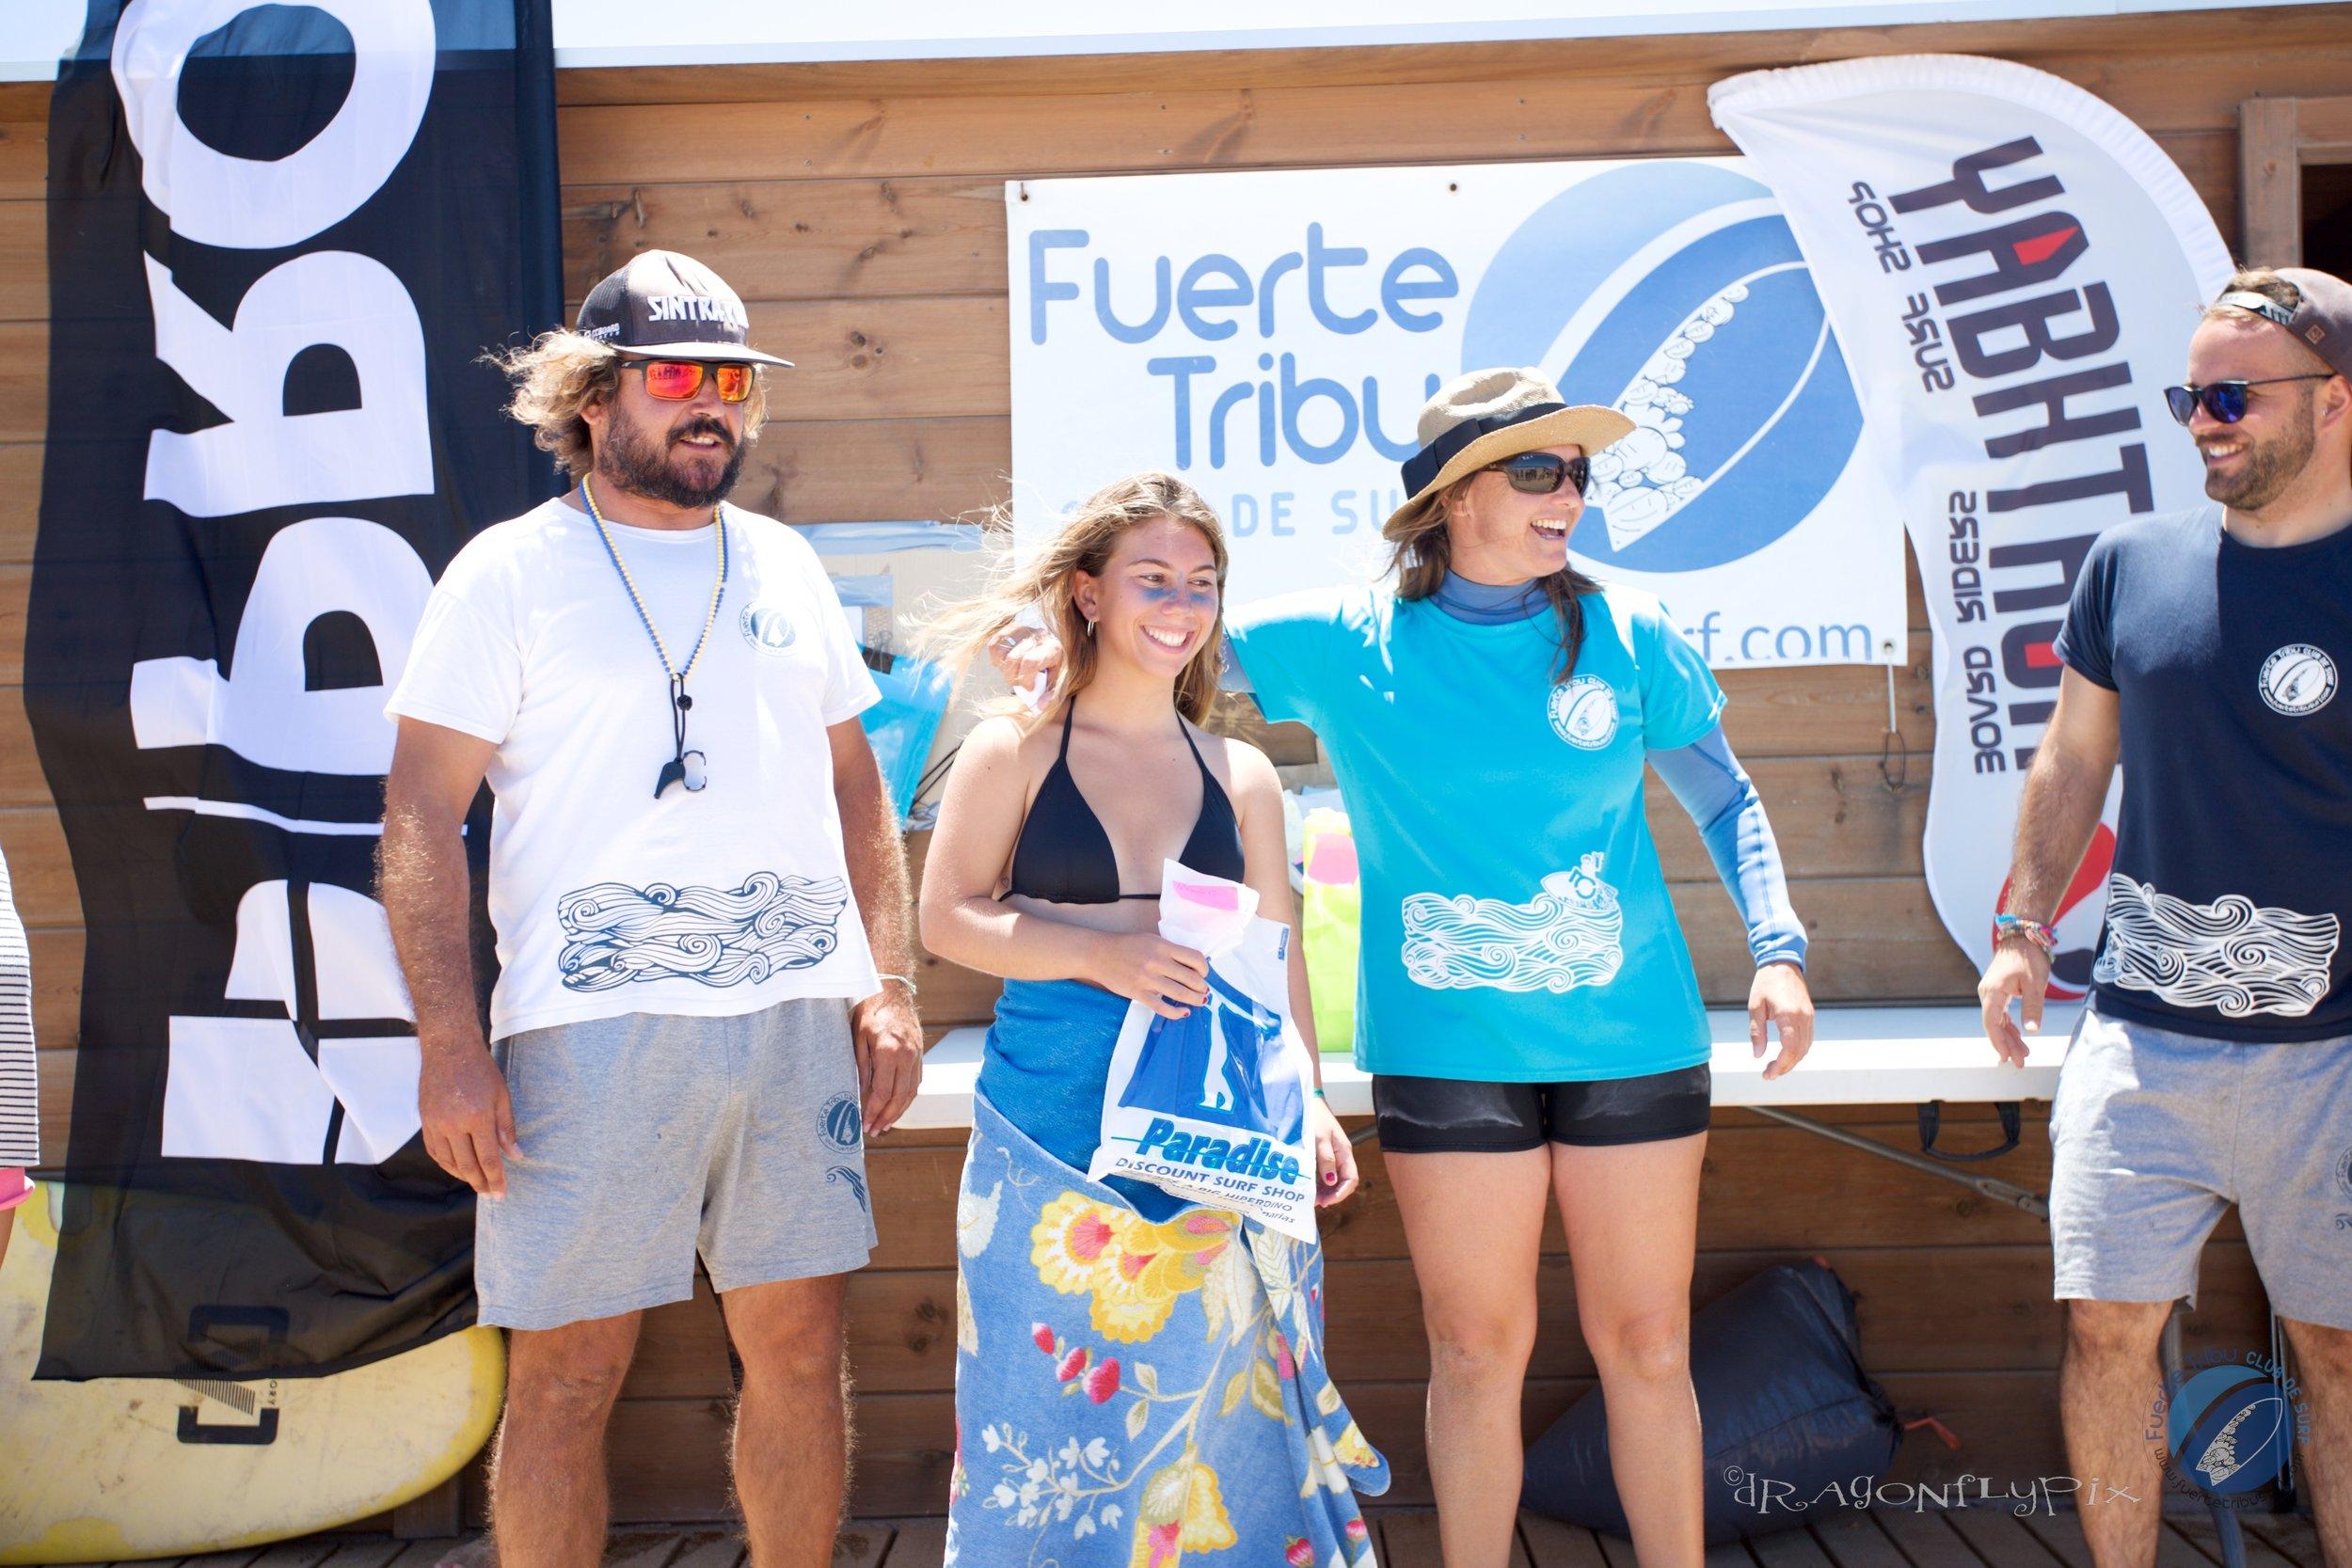 FUERTETRIBU_INTRACLUB_SURF_CAMPEONATO_KIDSIMG_0994.jpg